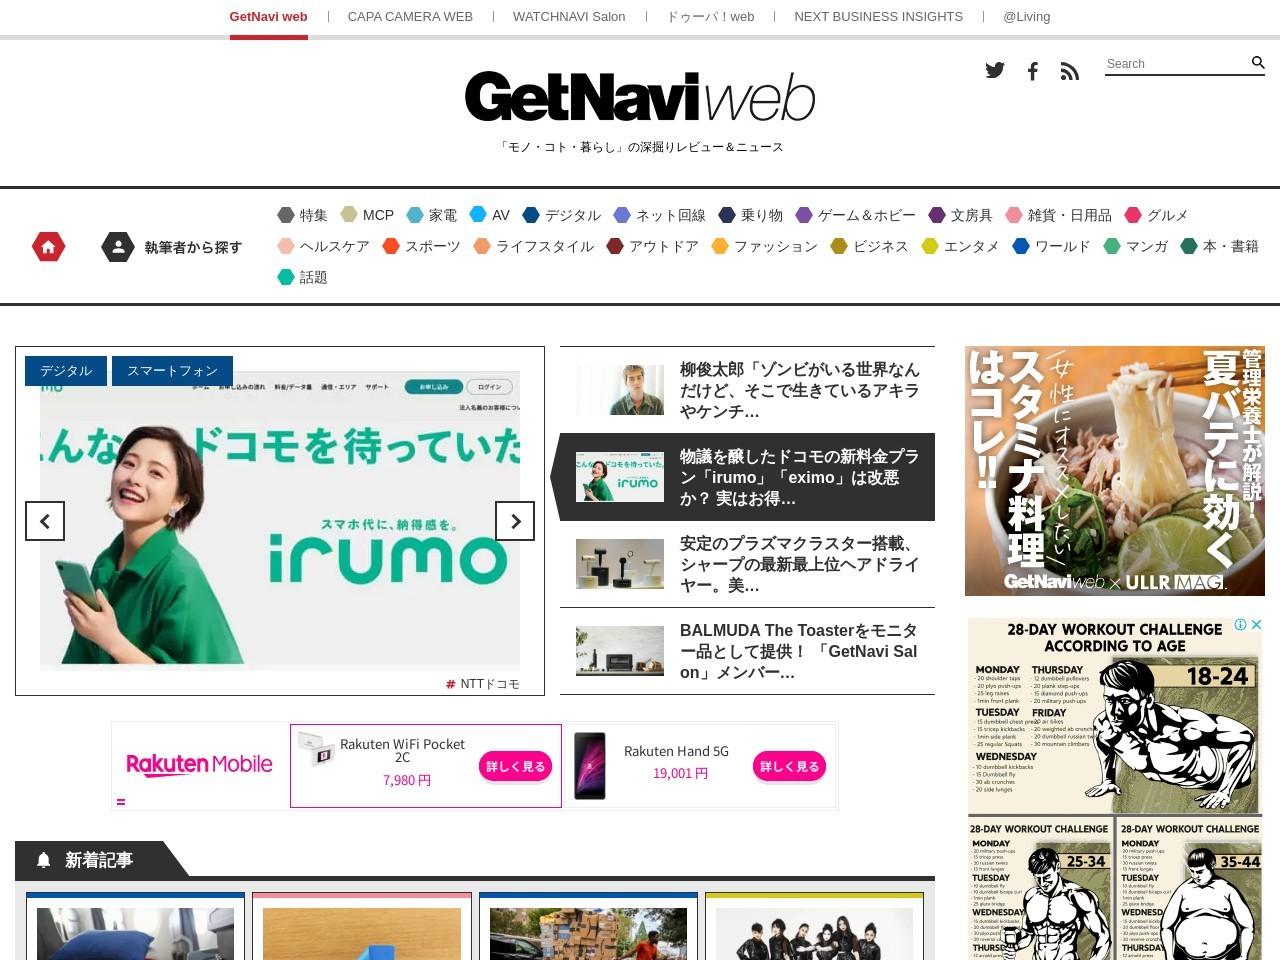 プロが教えるGU「高見え」アイテムランキング – 1位は3000円台で上品な「オトナ感」を演出!